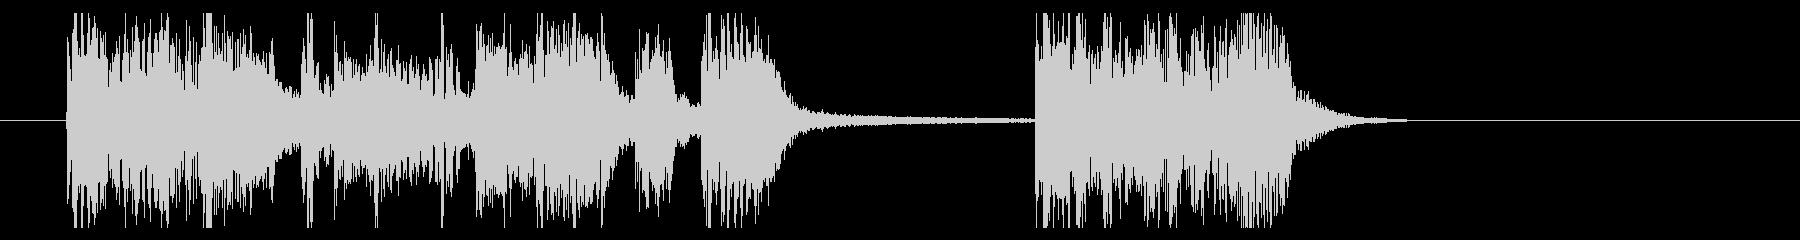 ヘヴィーでファンクなジングル[微長]の未再生の波形